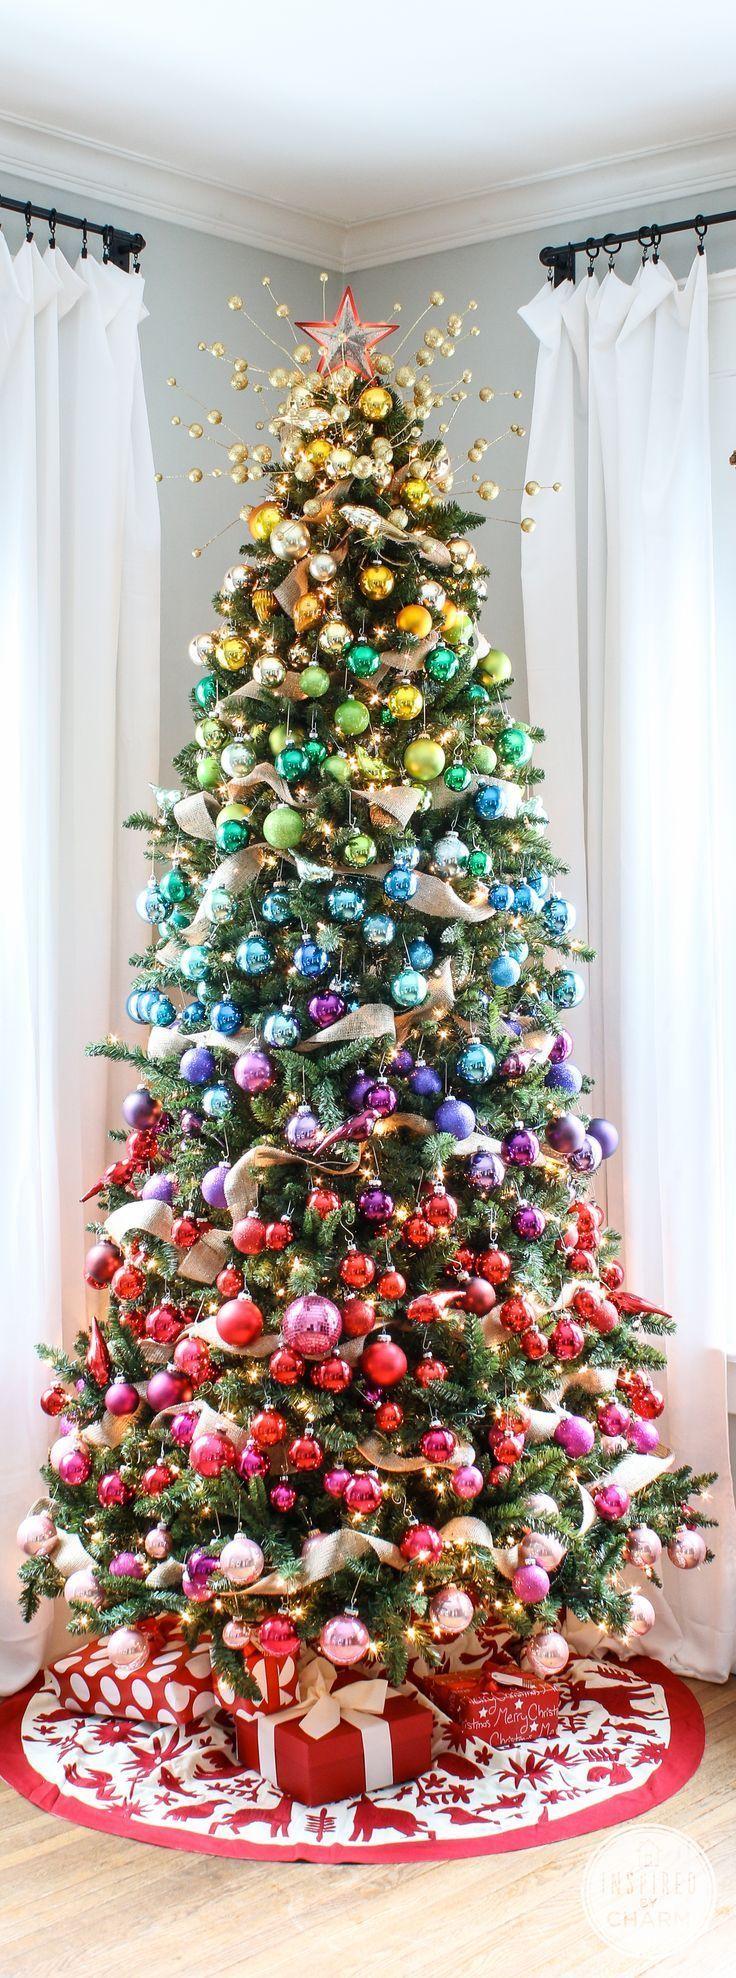 Fun idea for a colorful christmas tree.